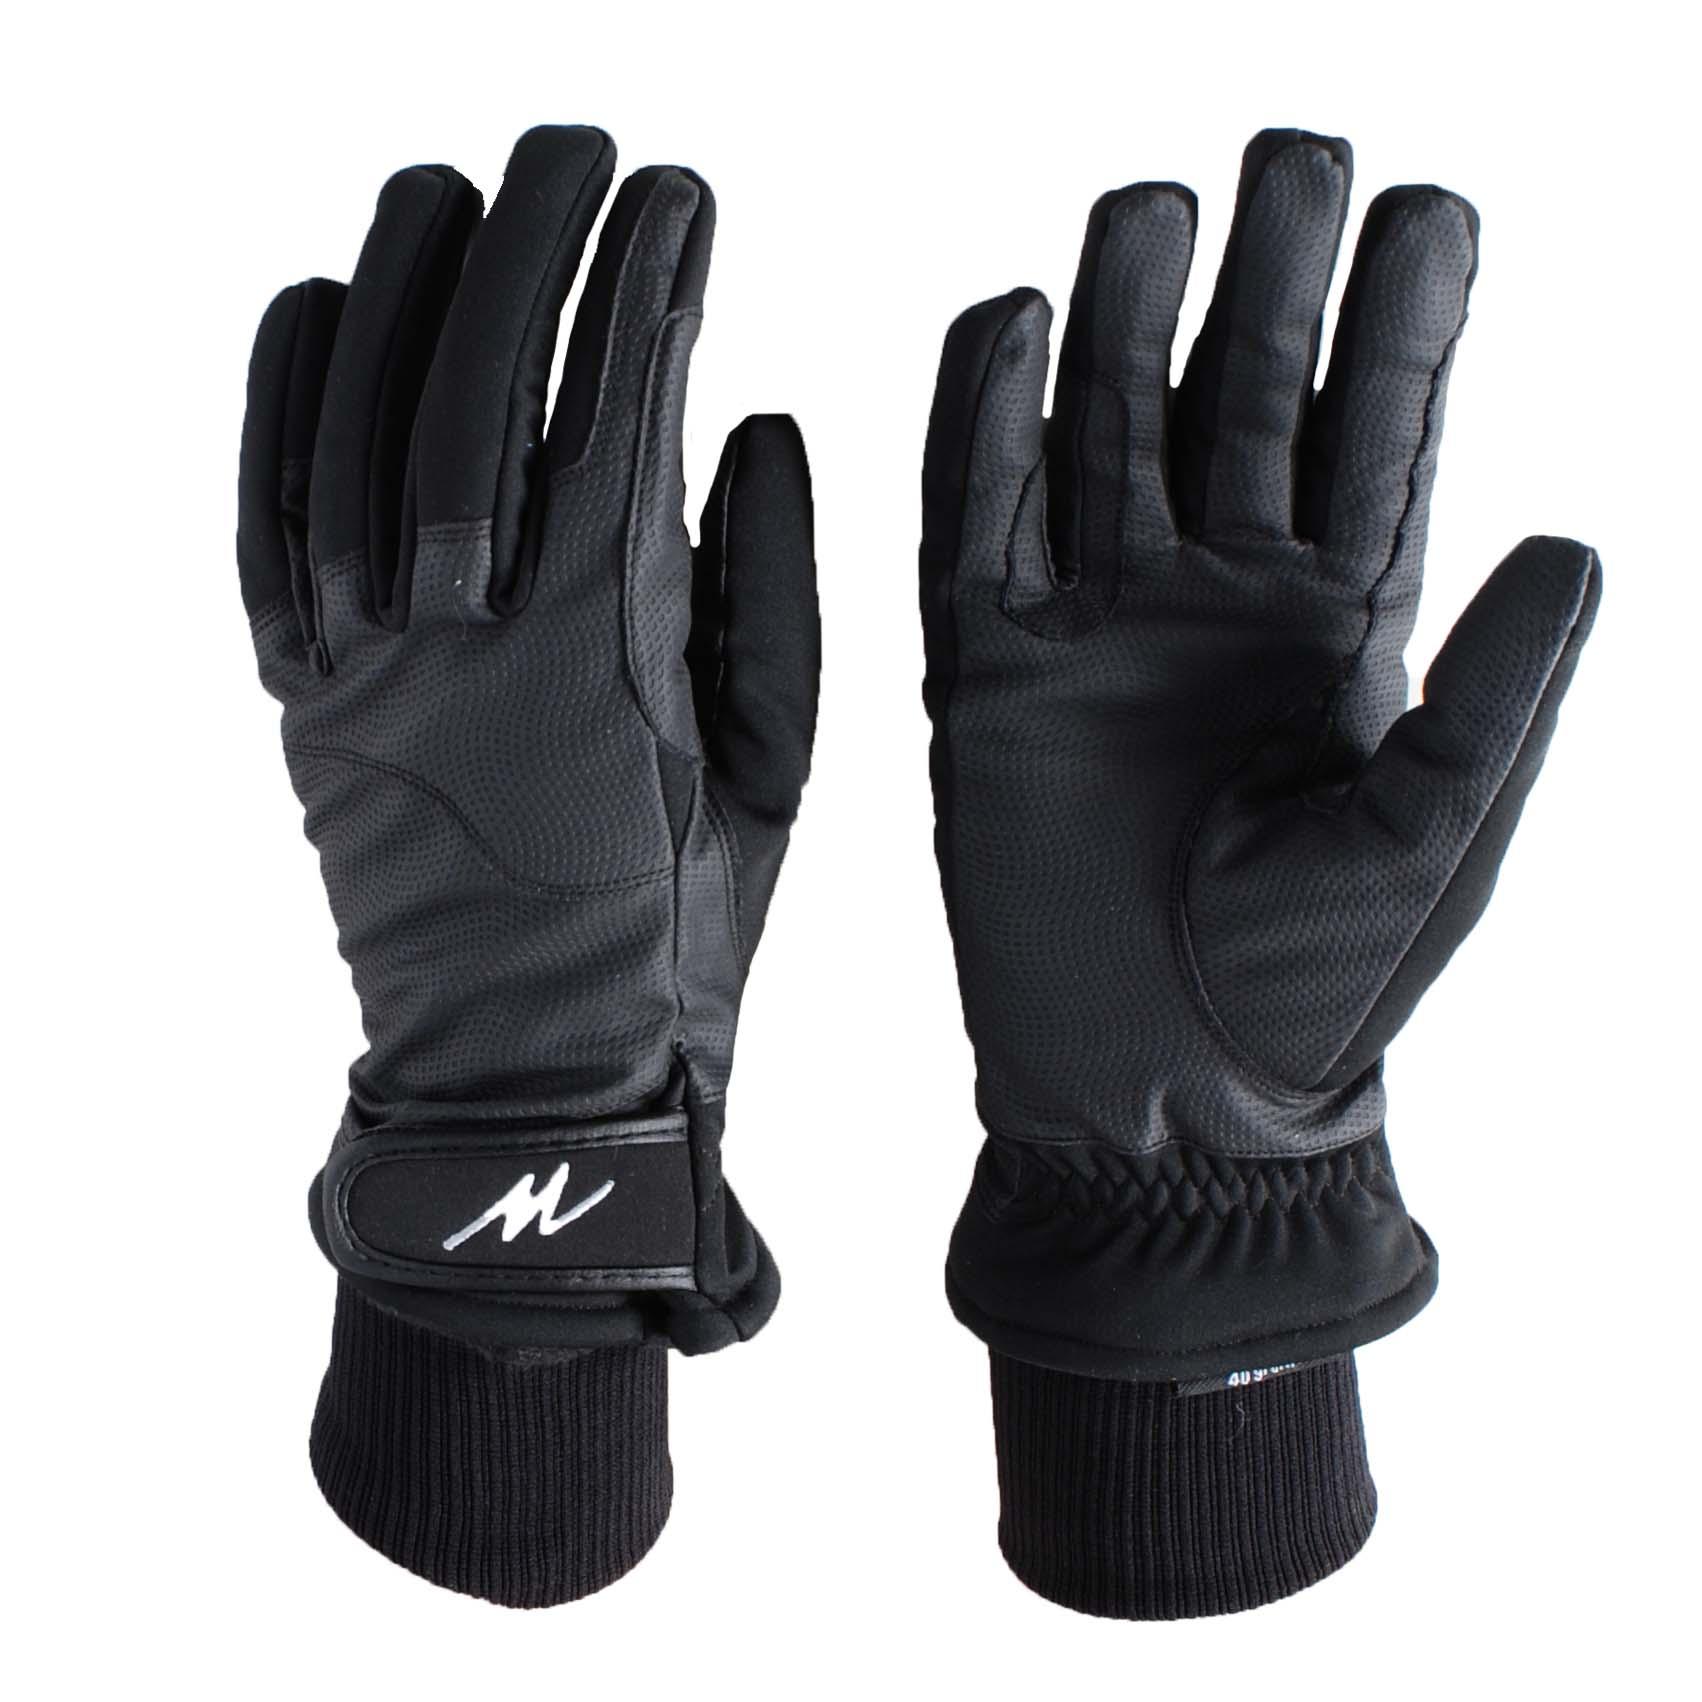 Mondoni Bogota winter handschoenen zwart maat:xl